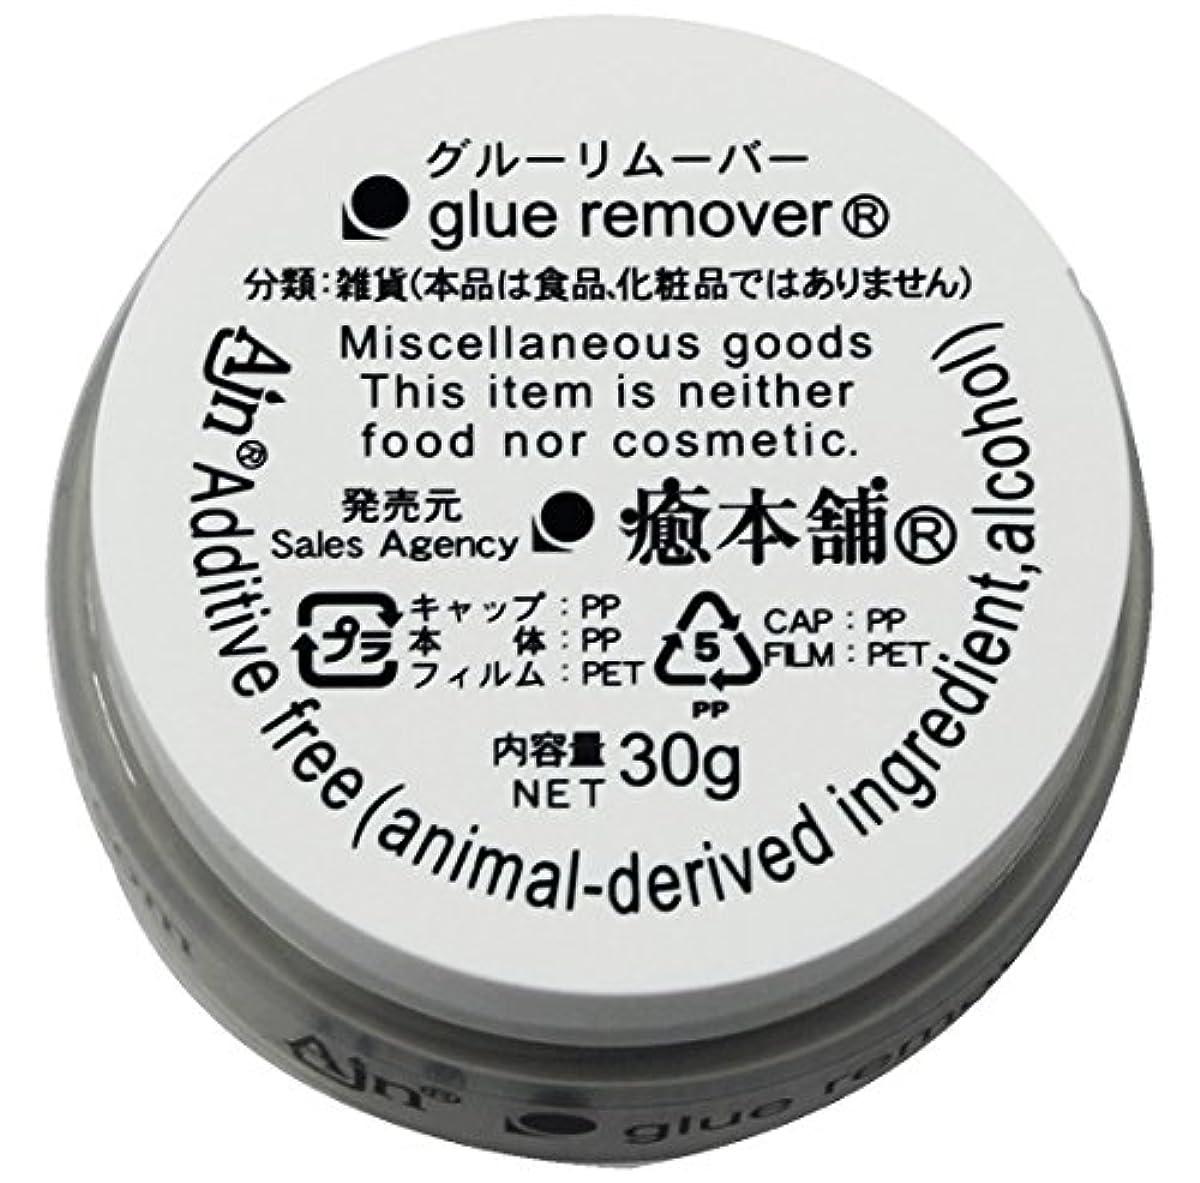 [해외] 속눈썹 리무버 크림 30G업무용 속눈썹 엑스테 1개